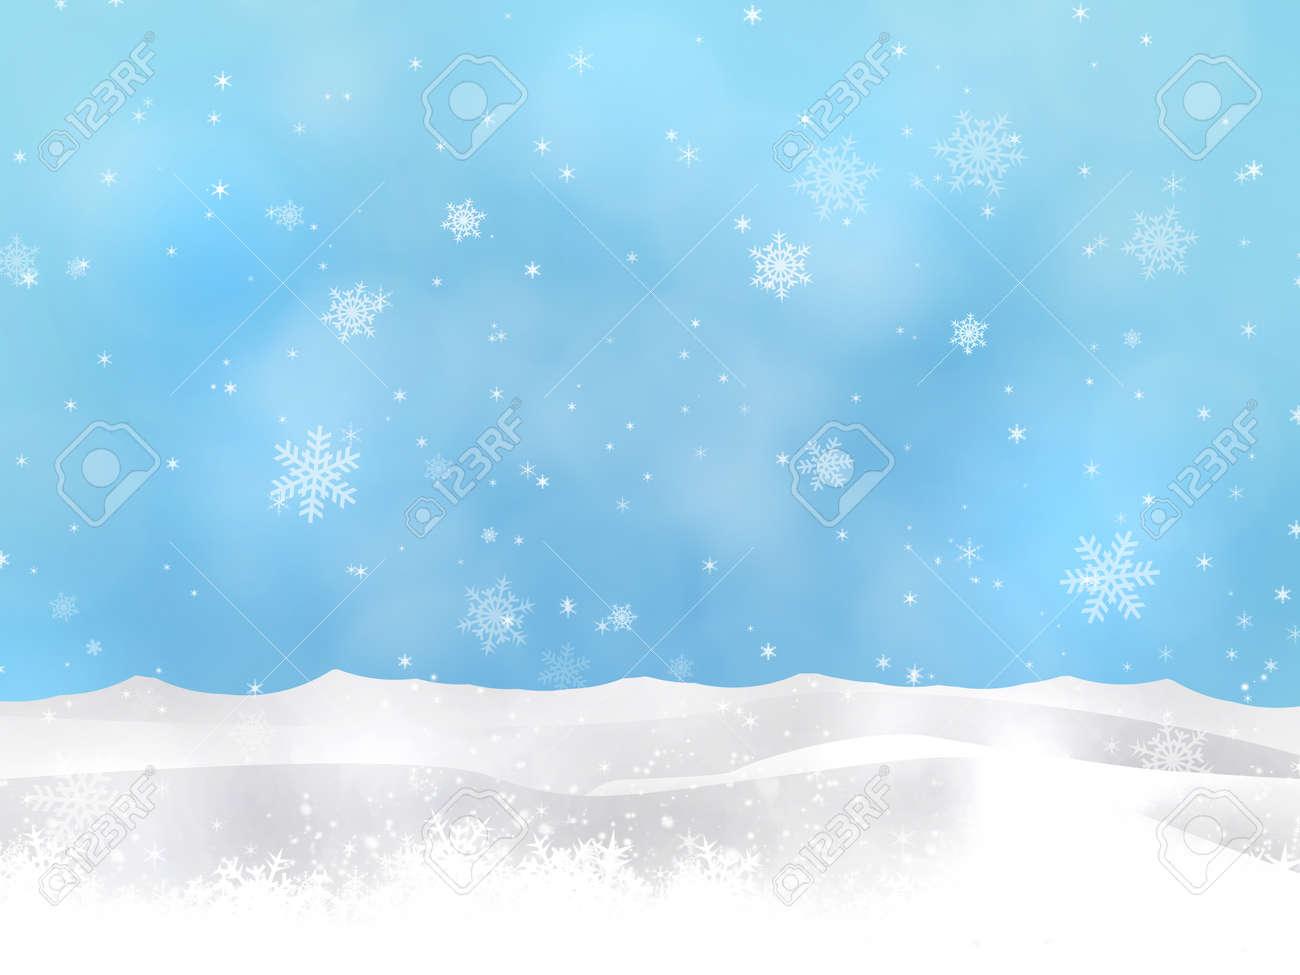 Winter Weihnachten Schnee Hügel Blauen Hintergrund Mit Verschwommen ...